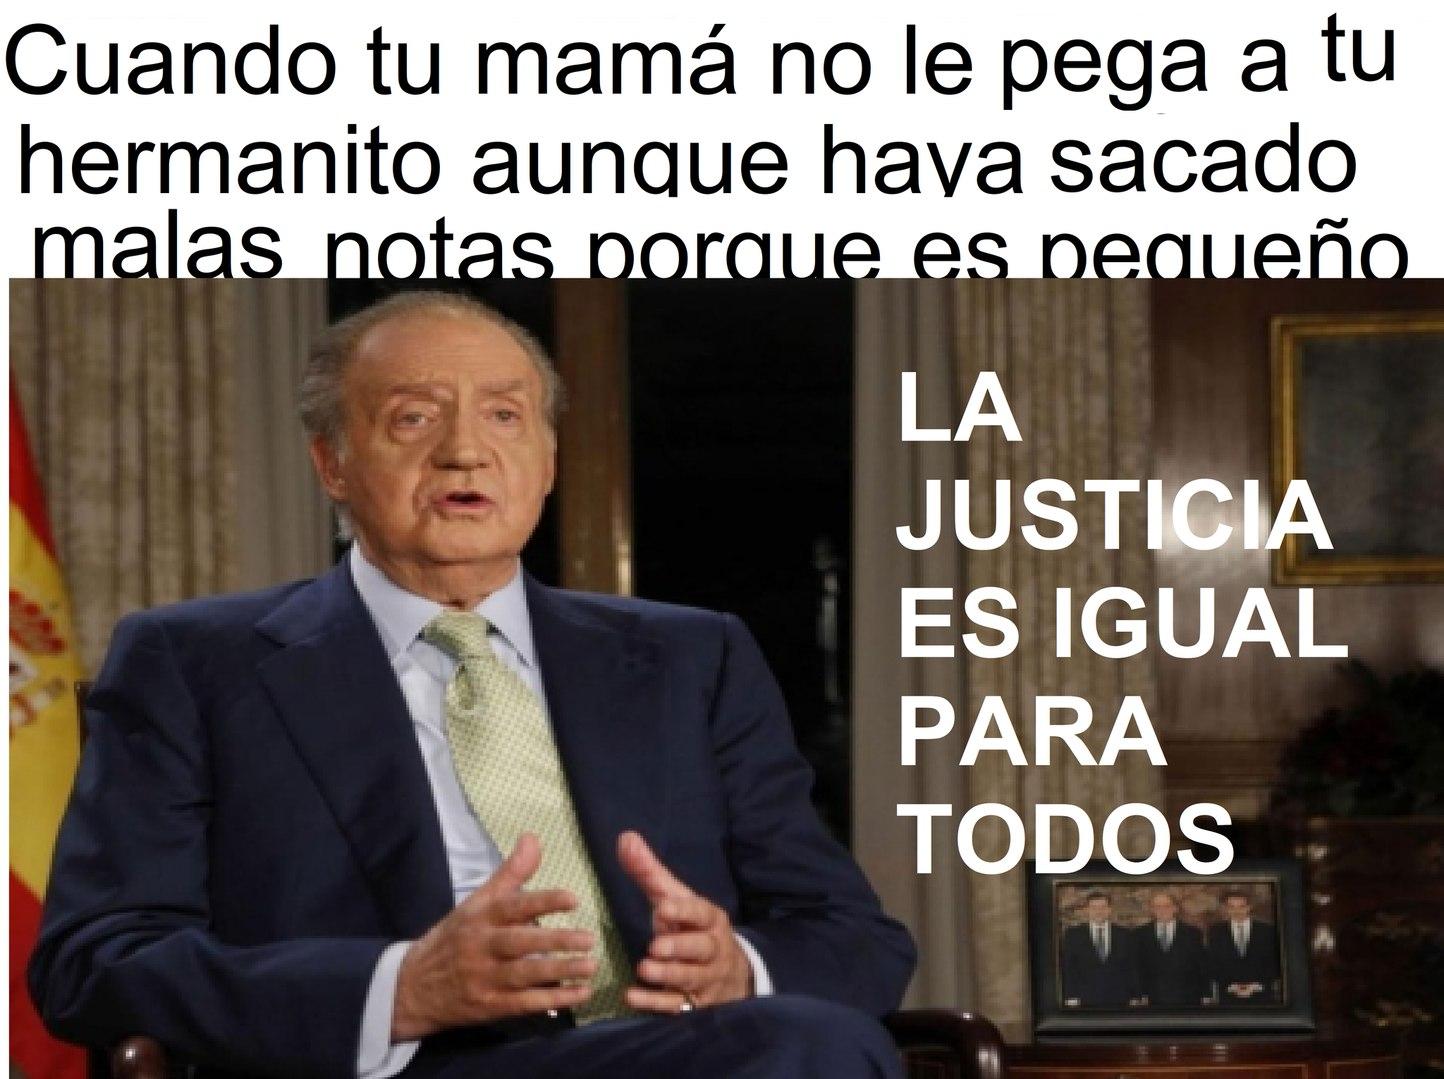 EJ - meme